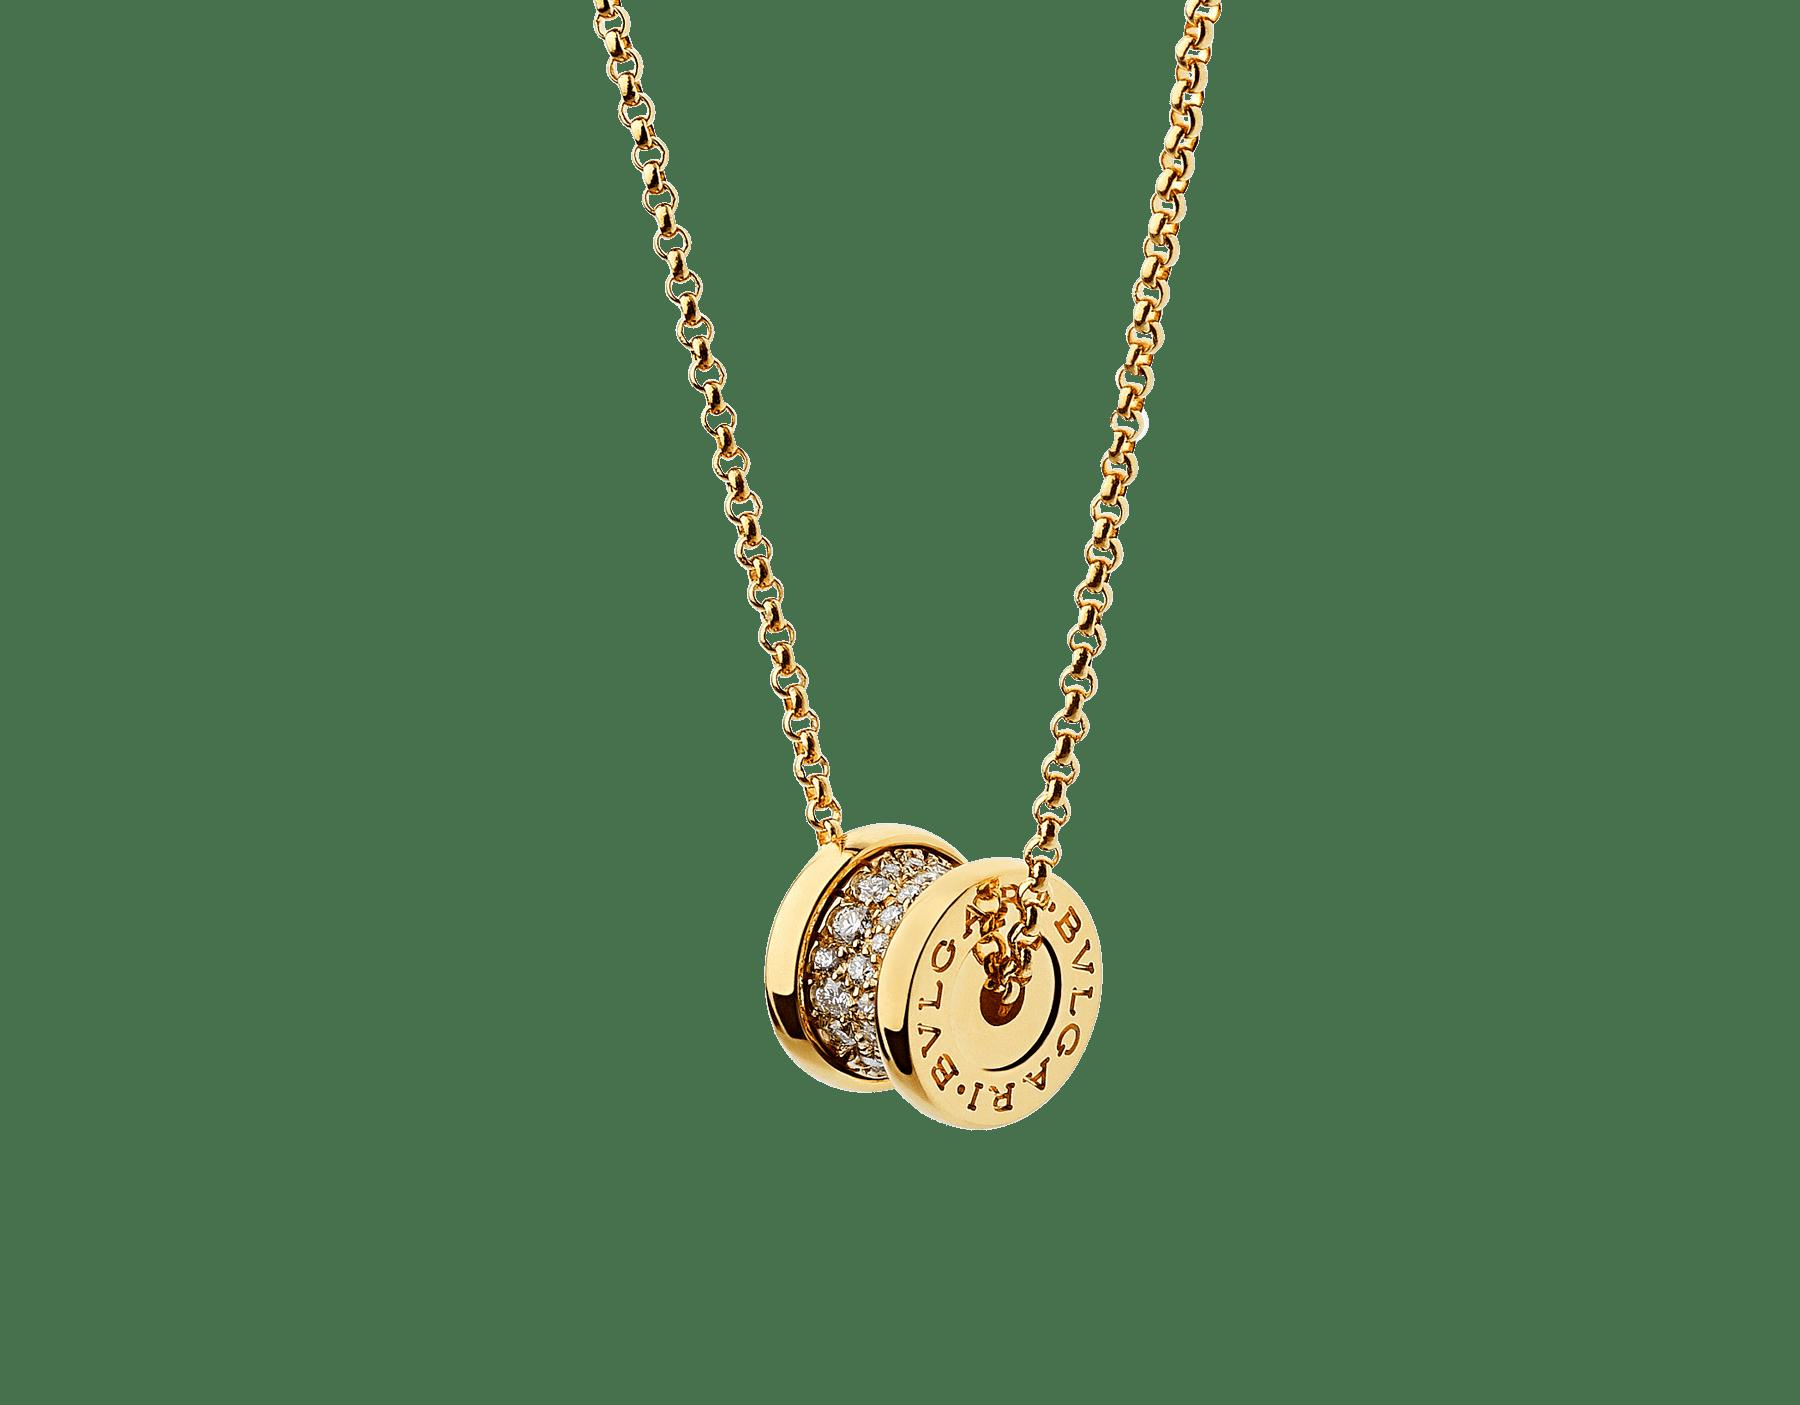 Collier B.zero1 en or jaune 18K avec pavé diamants sur la spirale 357496 image 3